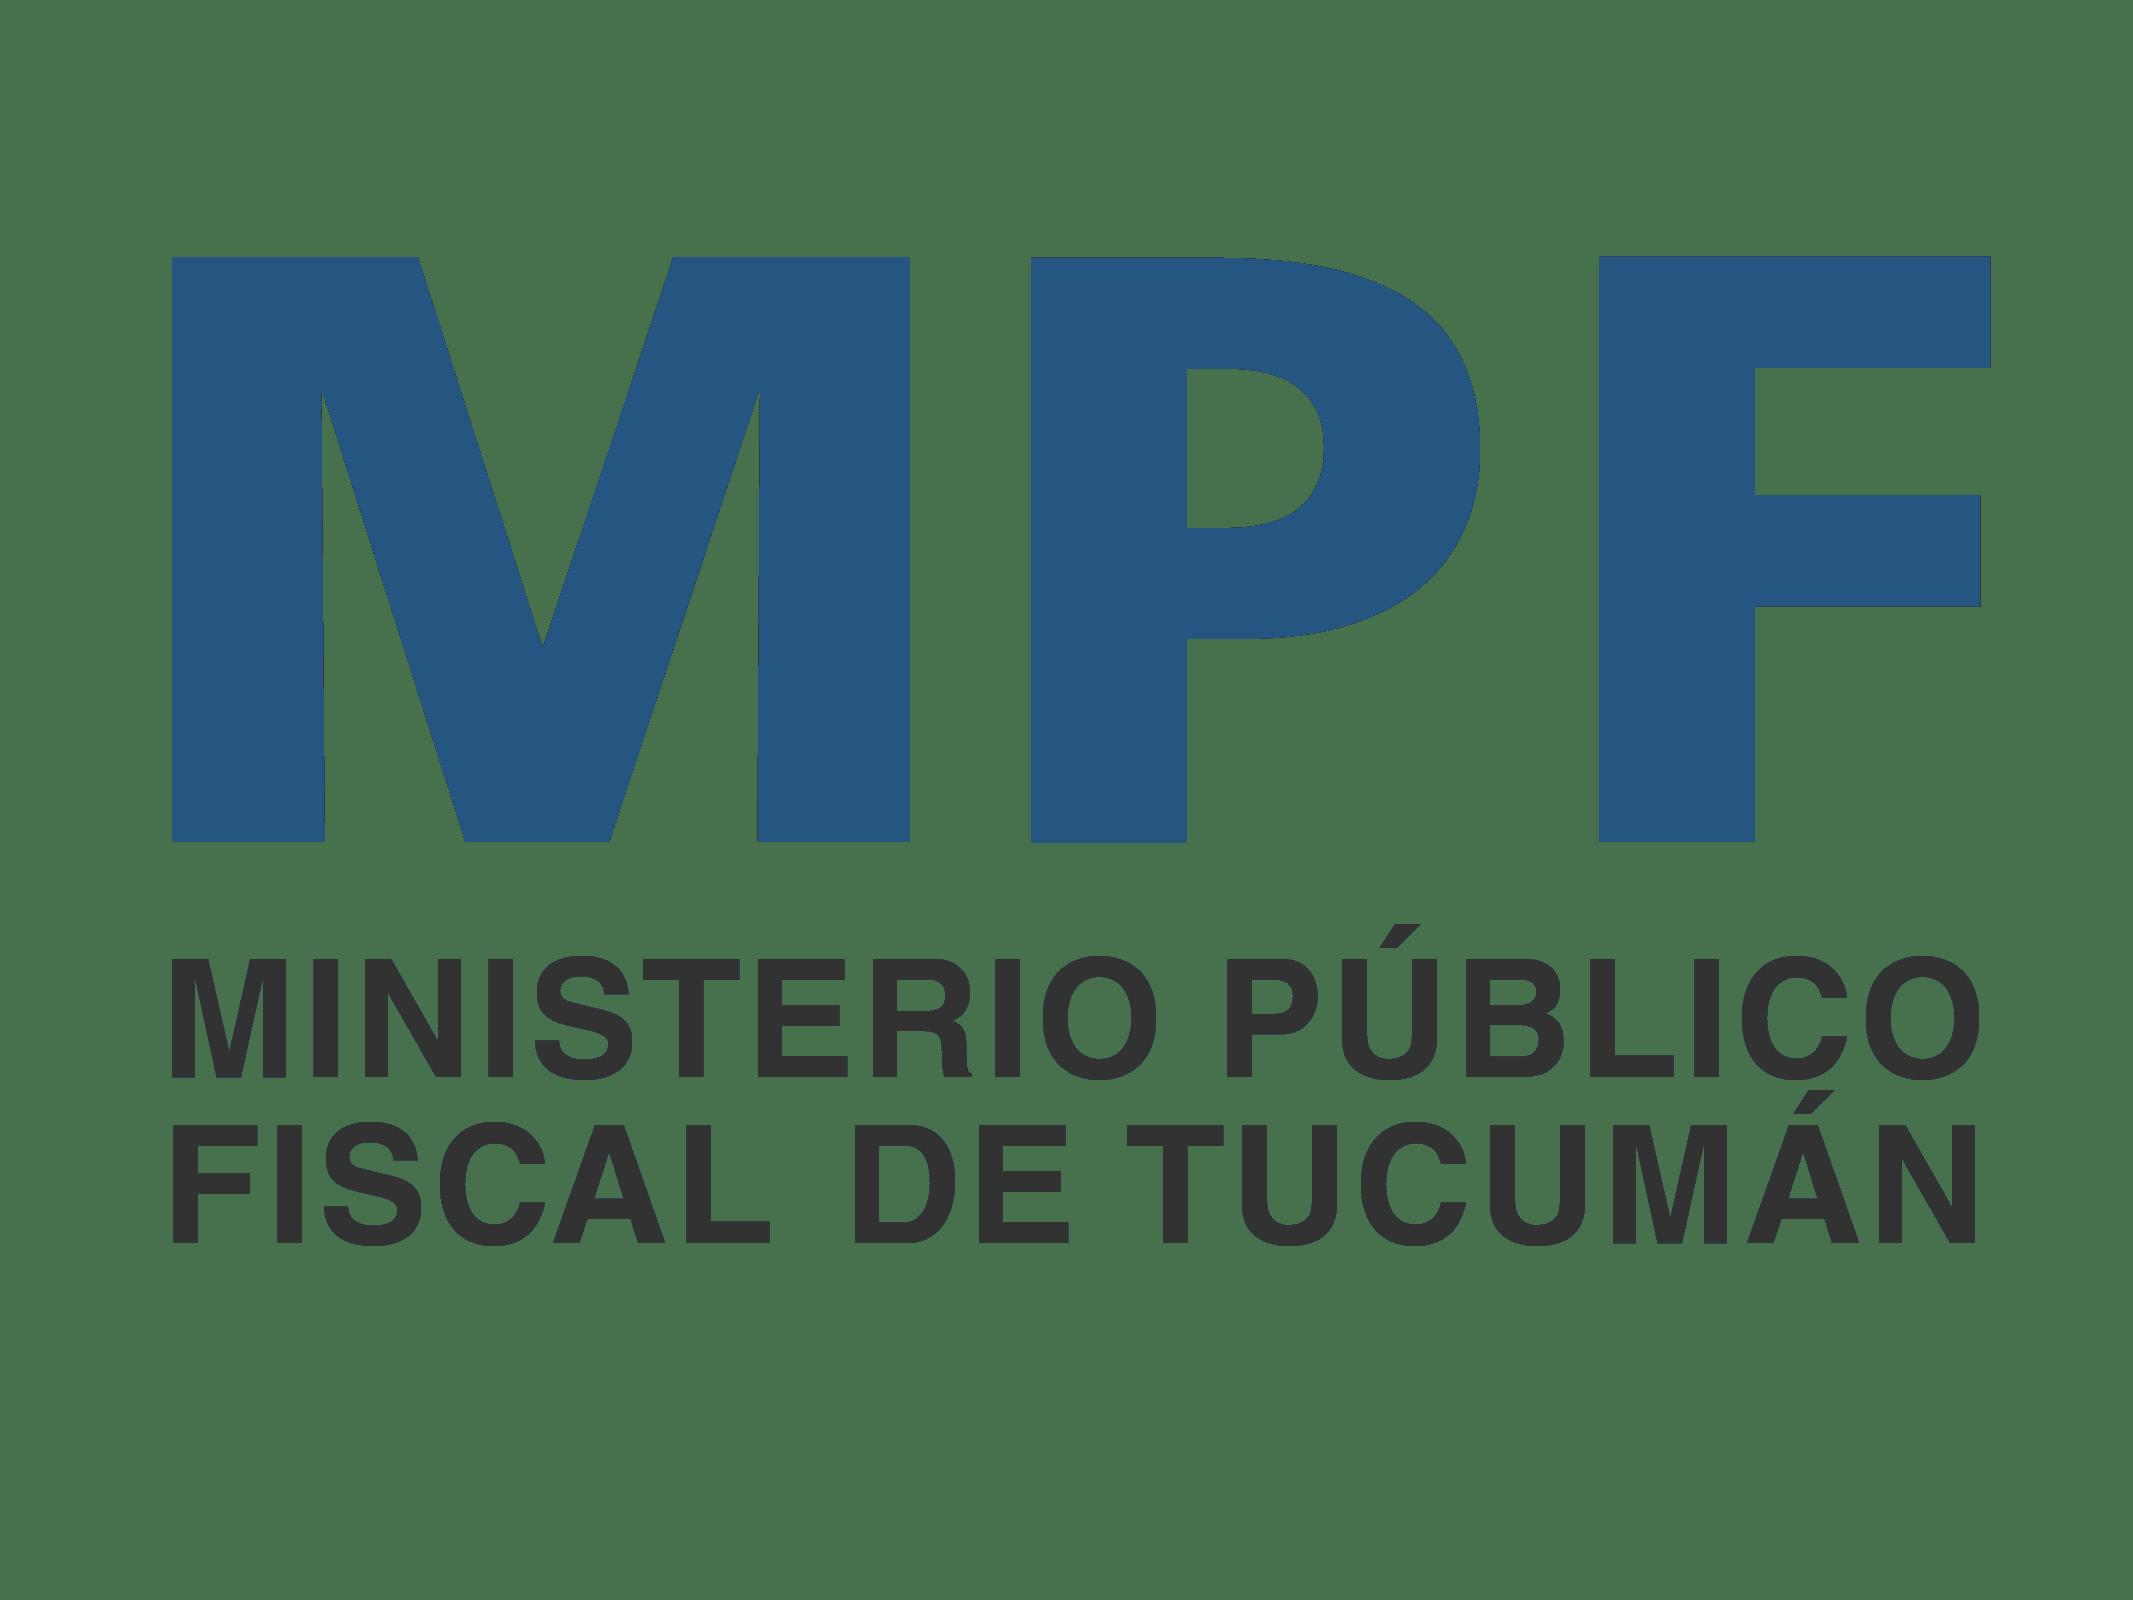 MINISTERIO PÚBLICO FISCAL DE LA PROVINCIA DE TUCUMÁN